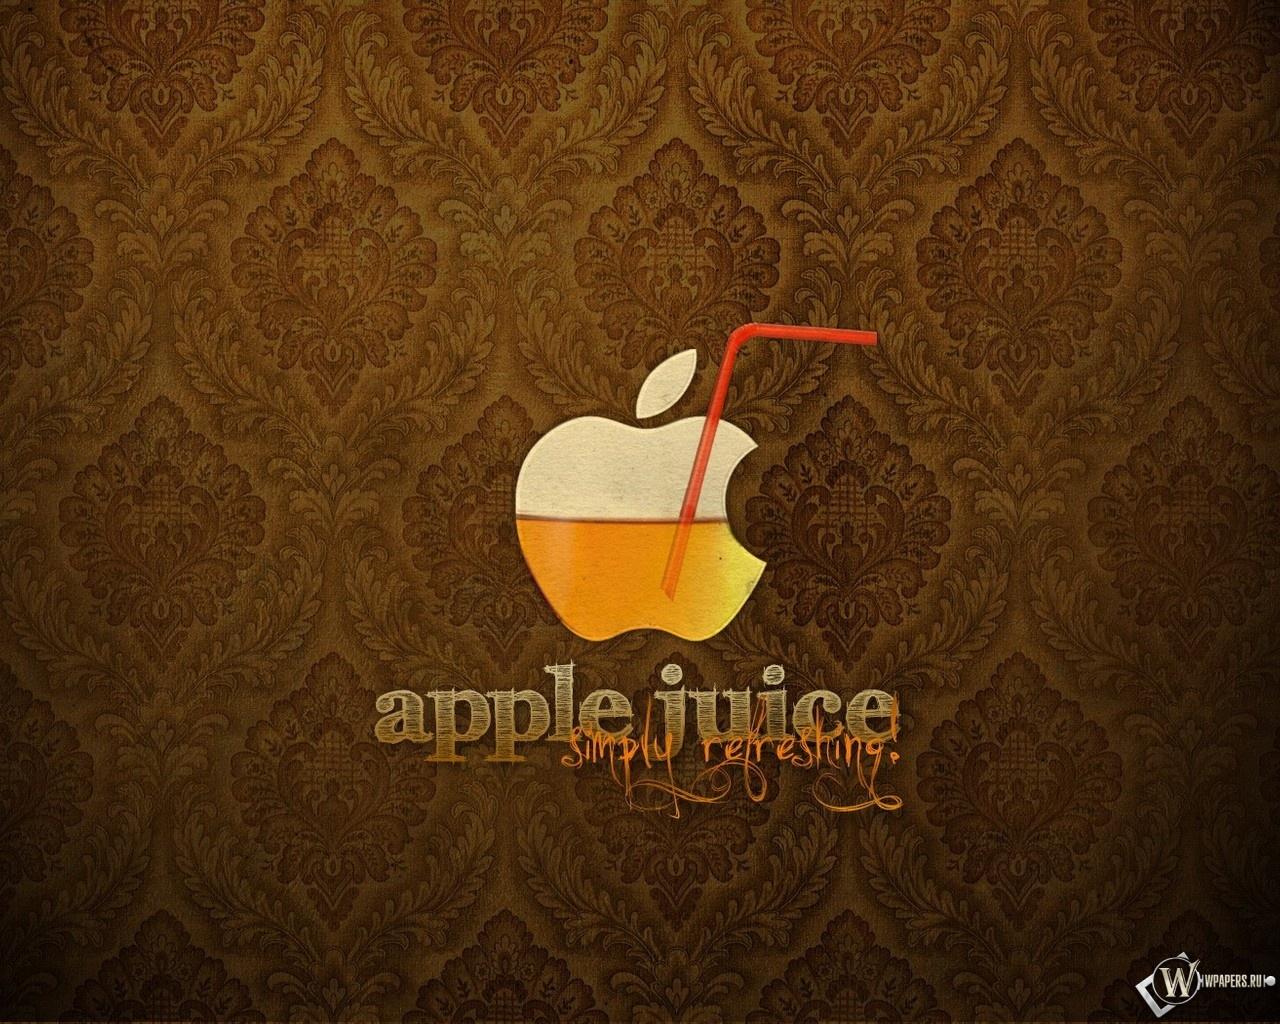 Apple juice 1280x1024